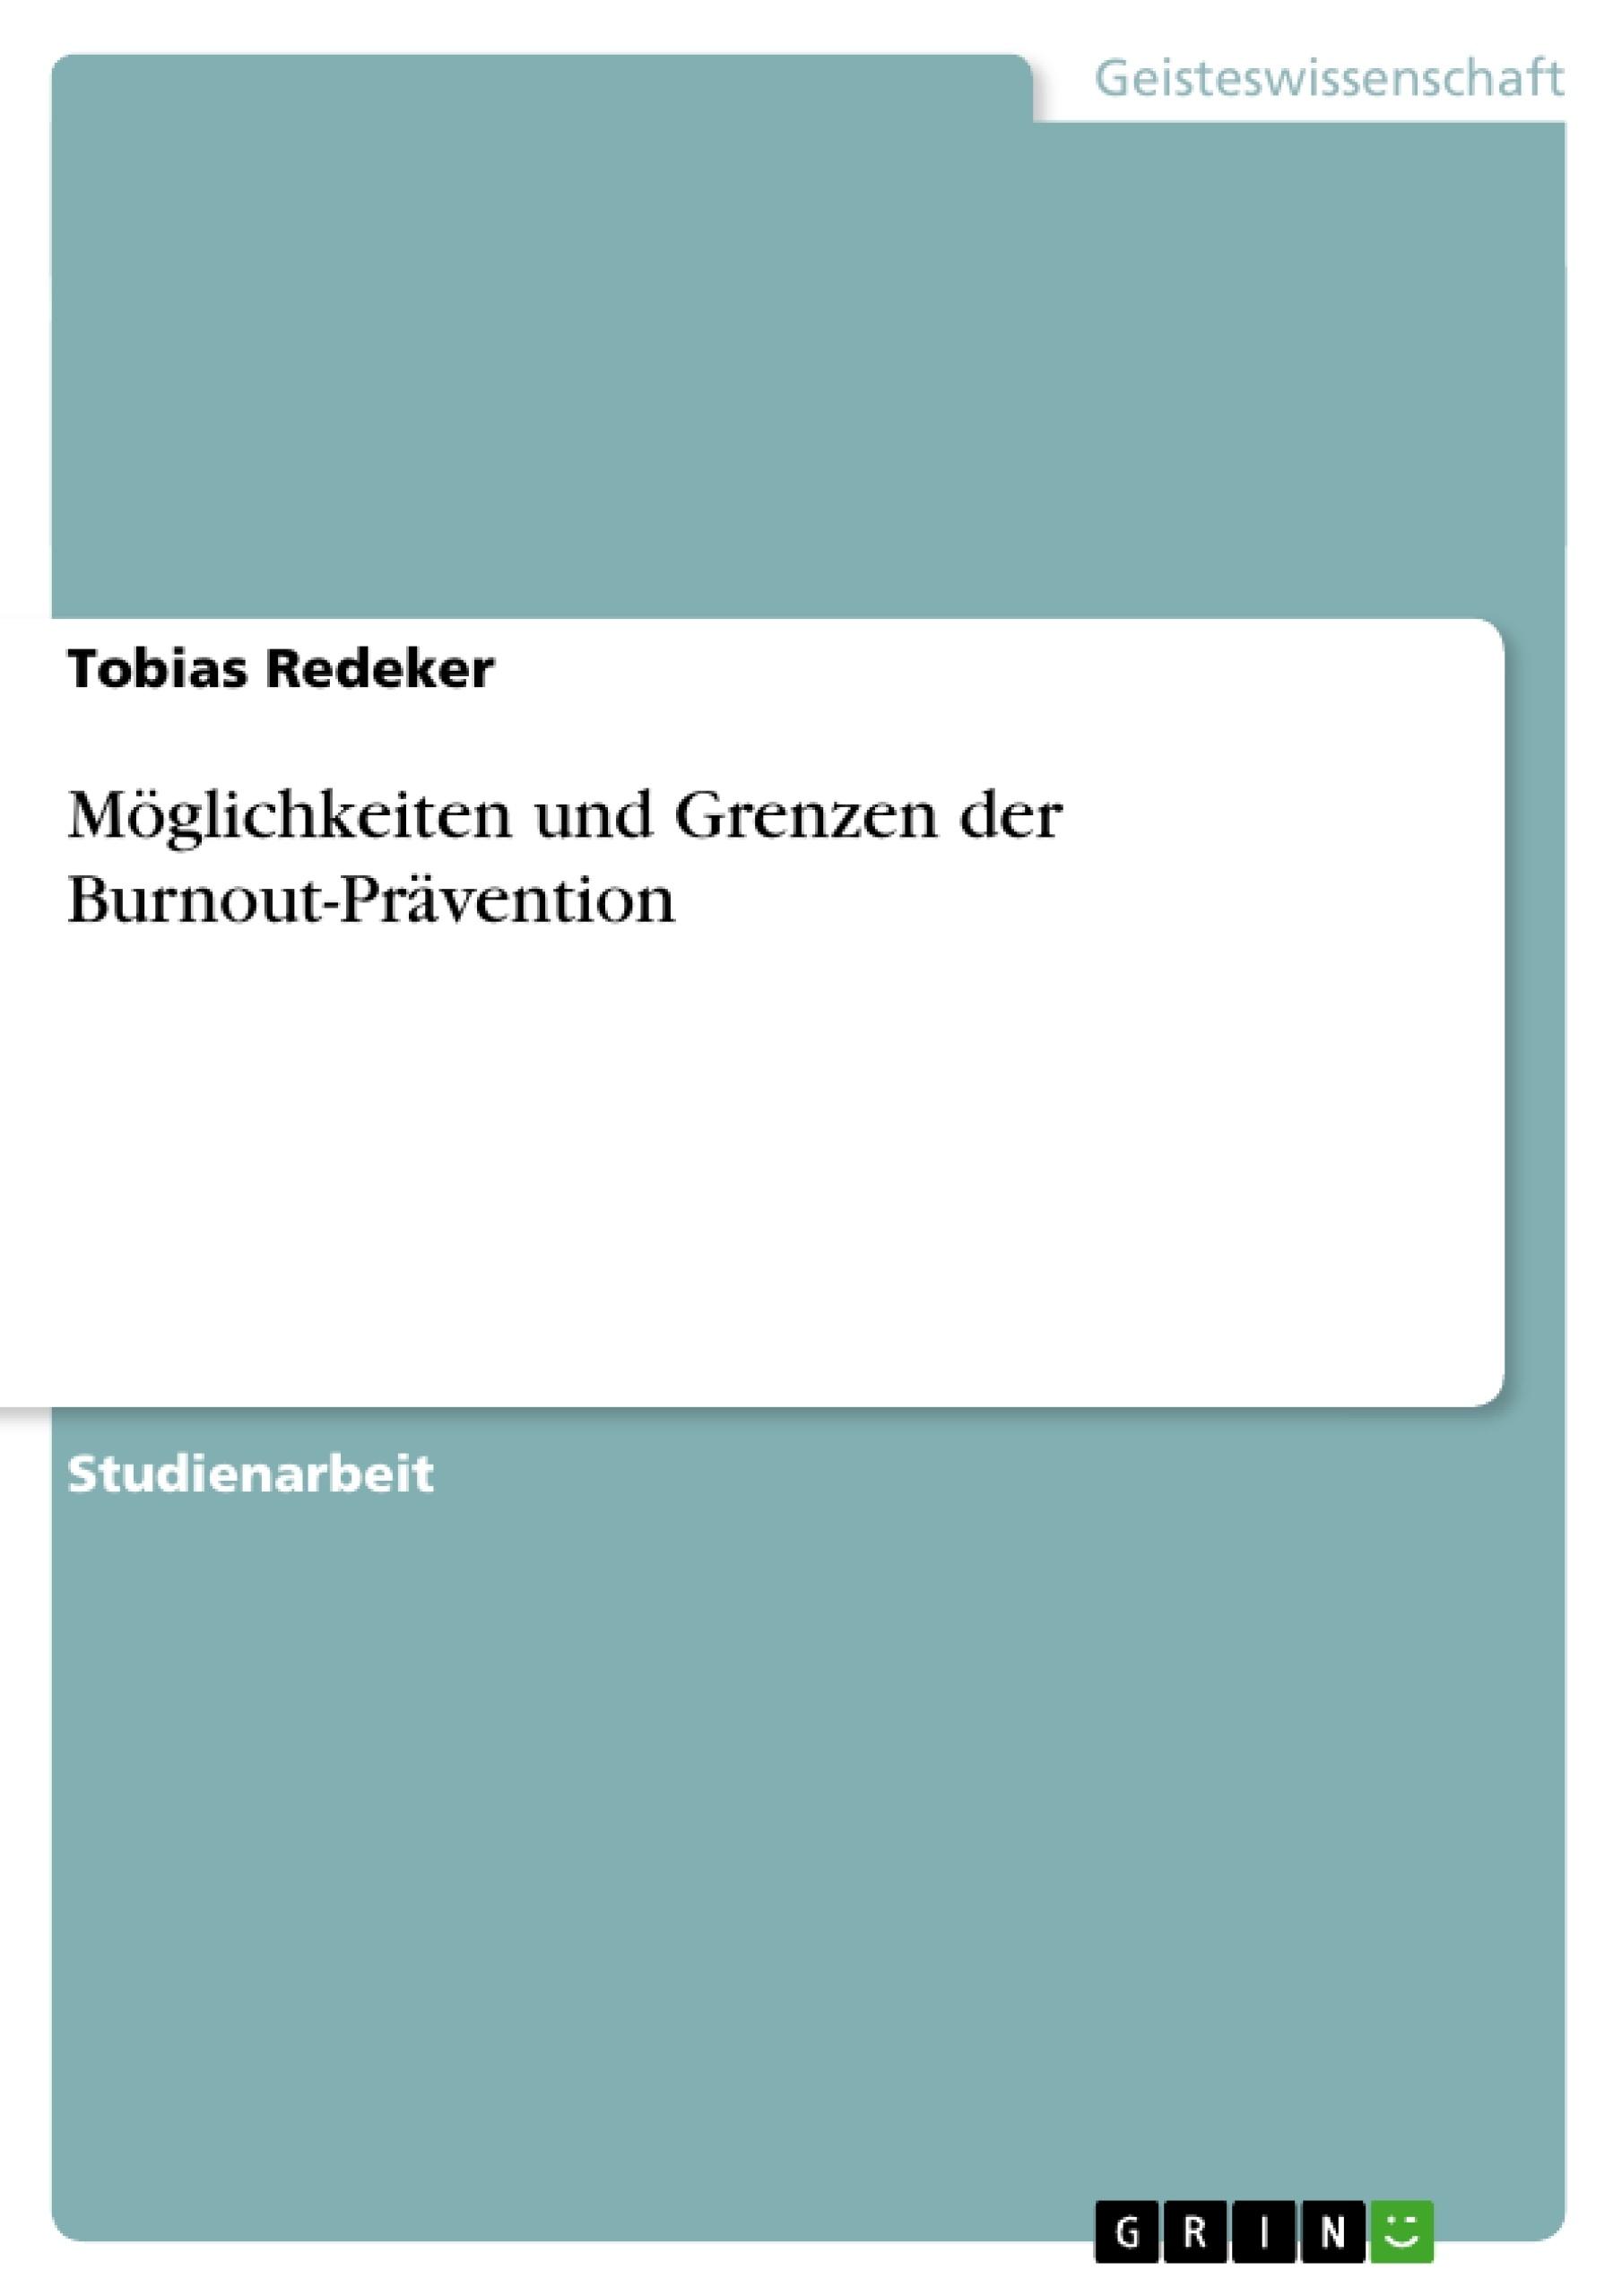 Titel: Möglichkeiten und Grenzen der Burnout-Prävention